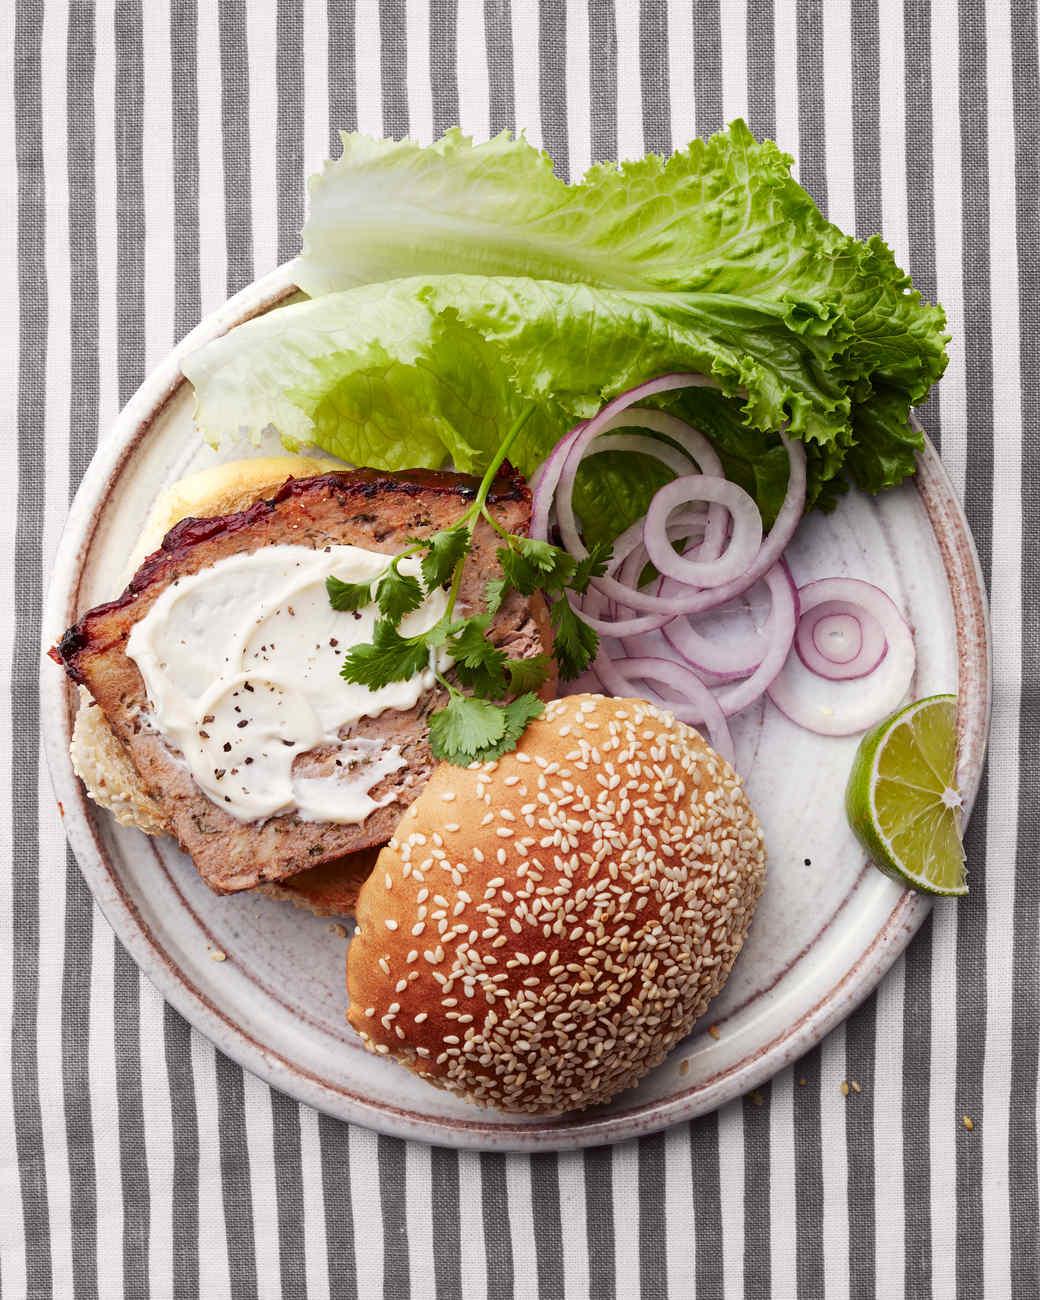 memeatloaf-sandwich-224-d111528-1014.jpg